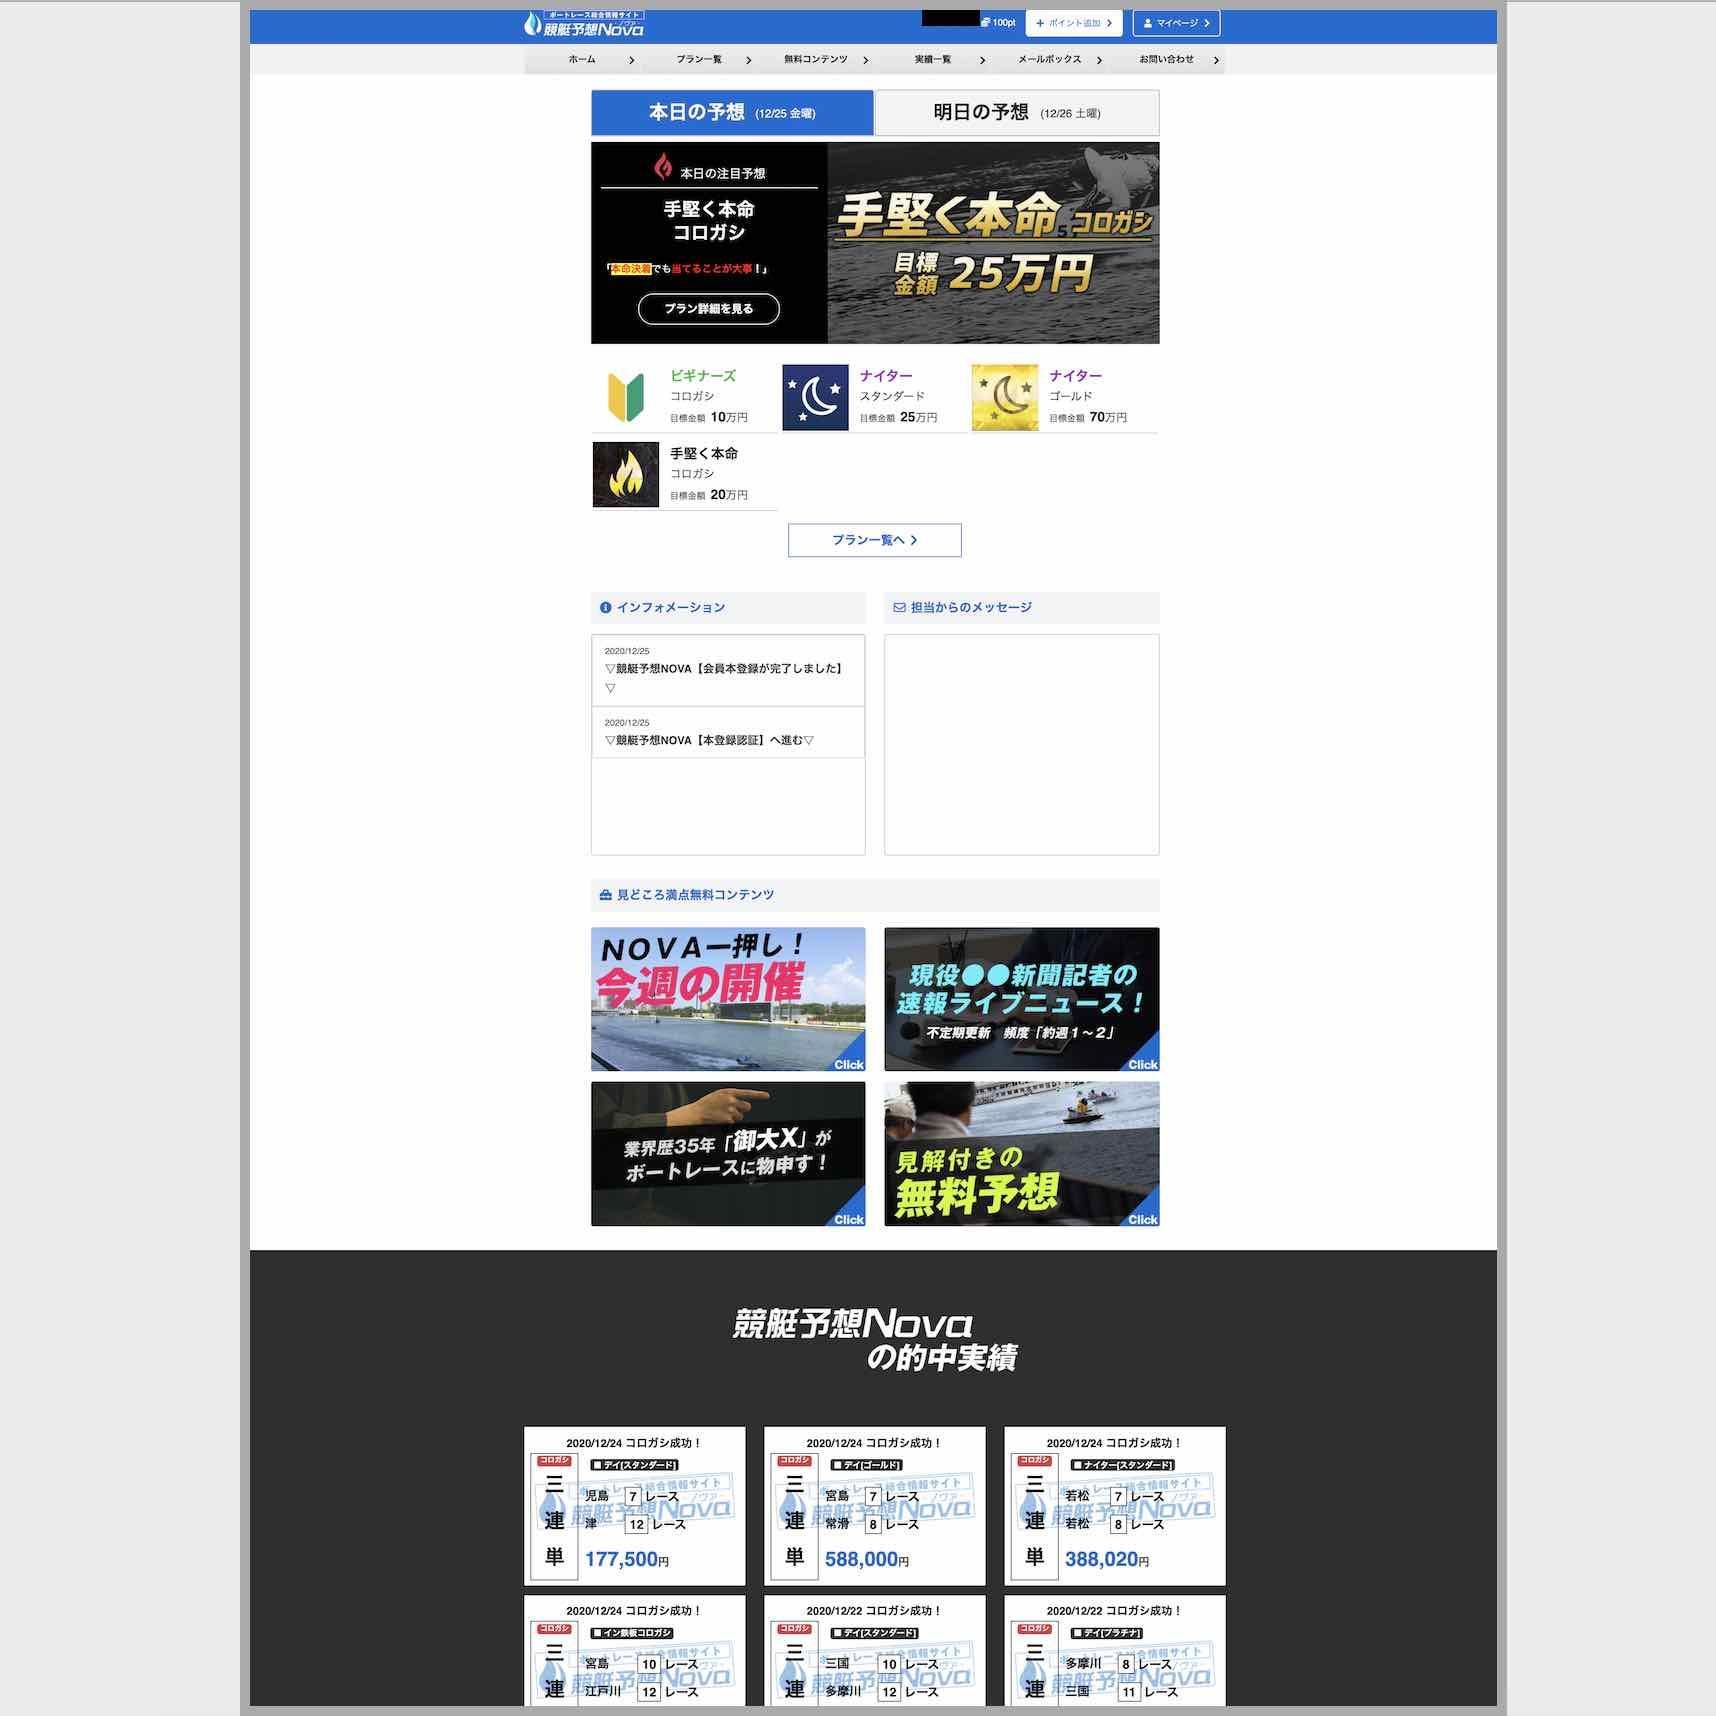 競艇予想NOVA(ノヴァ)という競艇予想サイト(ボートレース予想サイト)の会員ページ画像